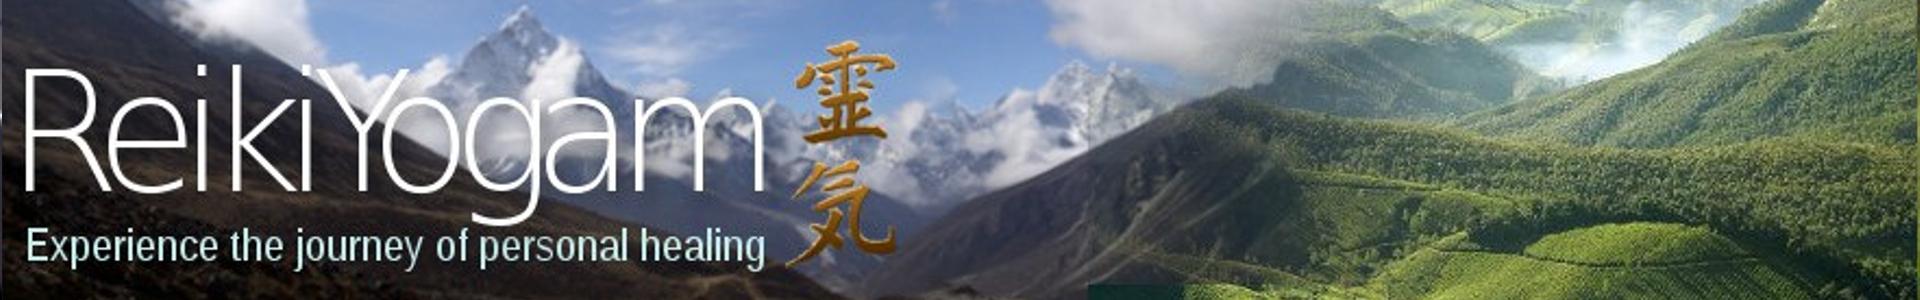 Reikiyogam-Banner